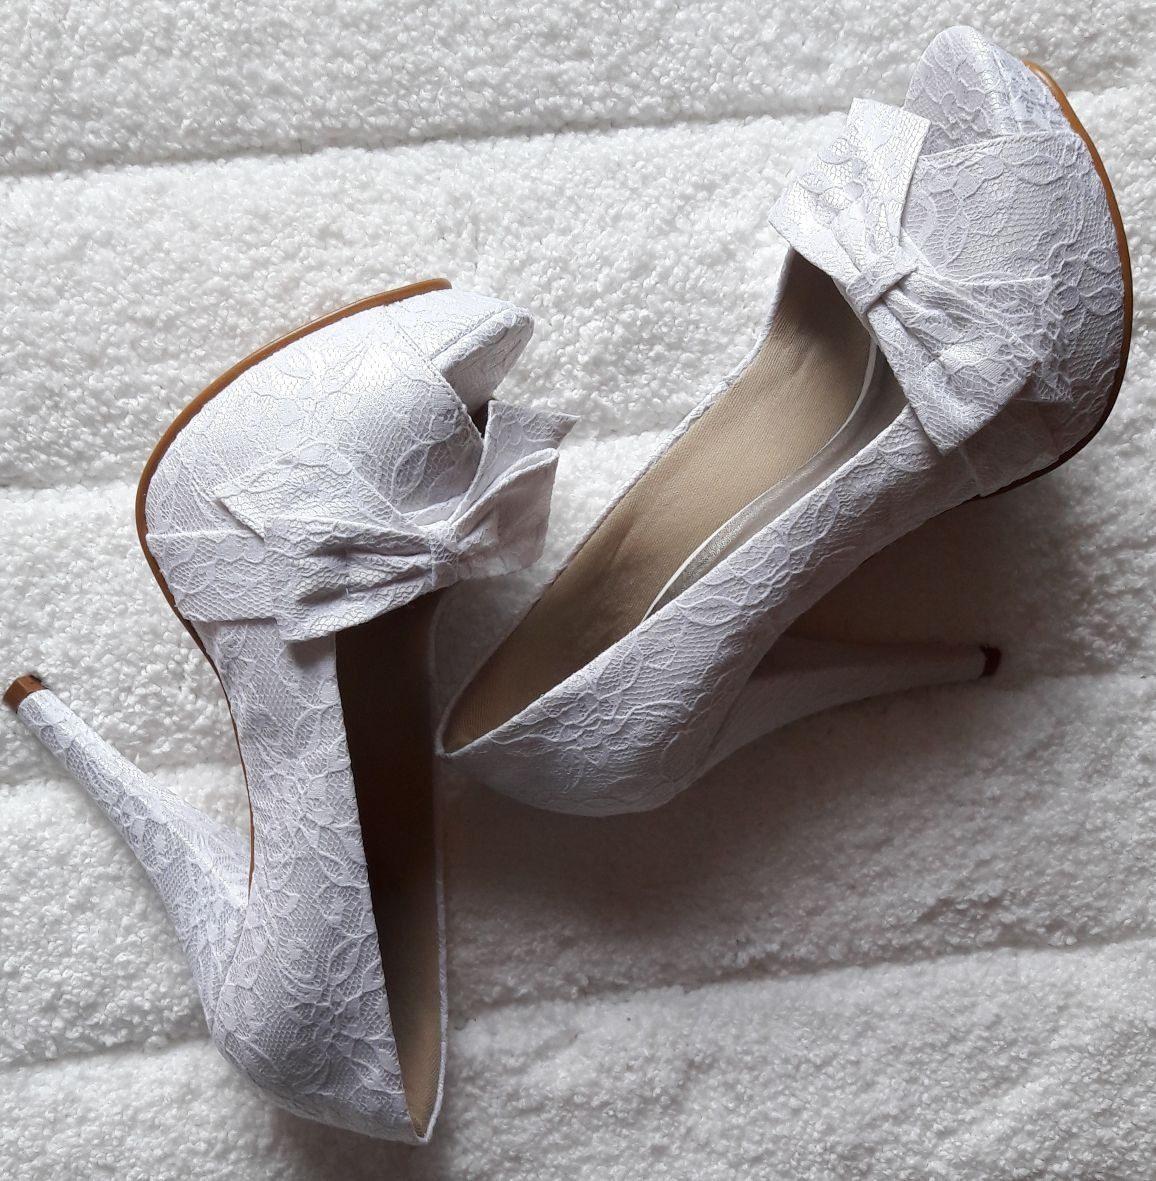 5a5f9950ae sapato sandália casamento noiva renda branca up shoes ref205. Carregando  zoom.